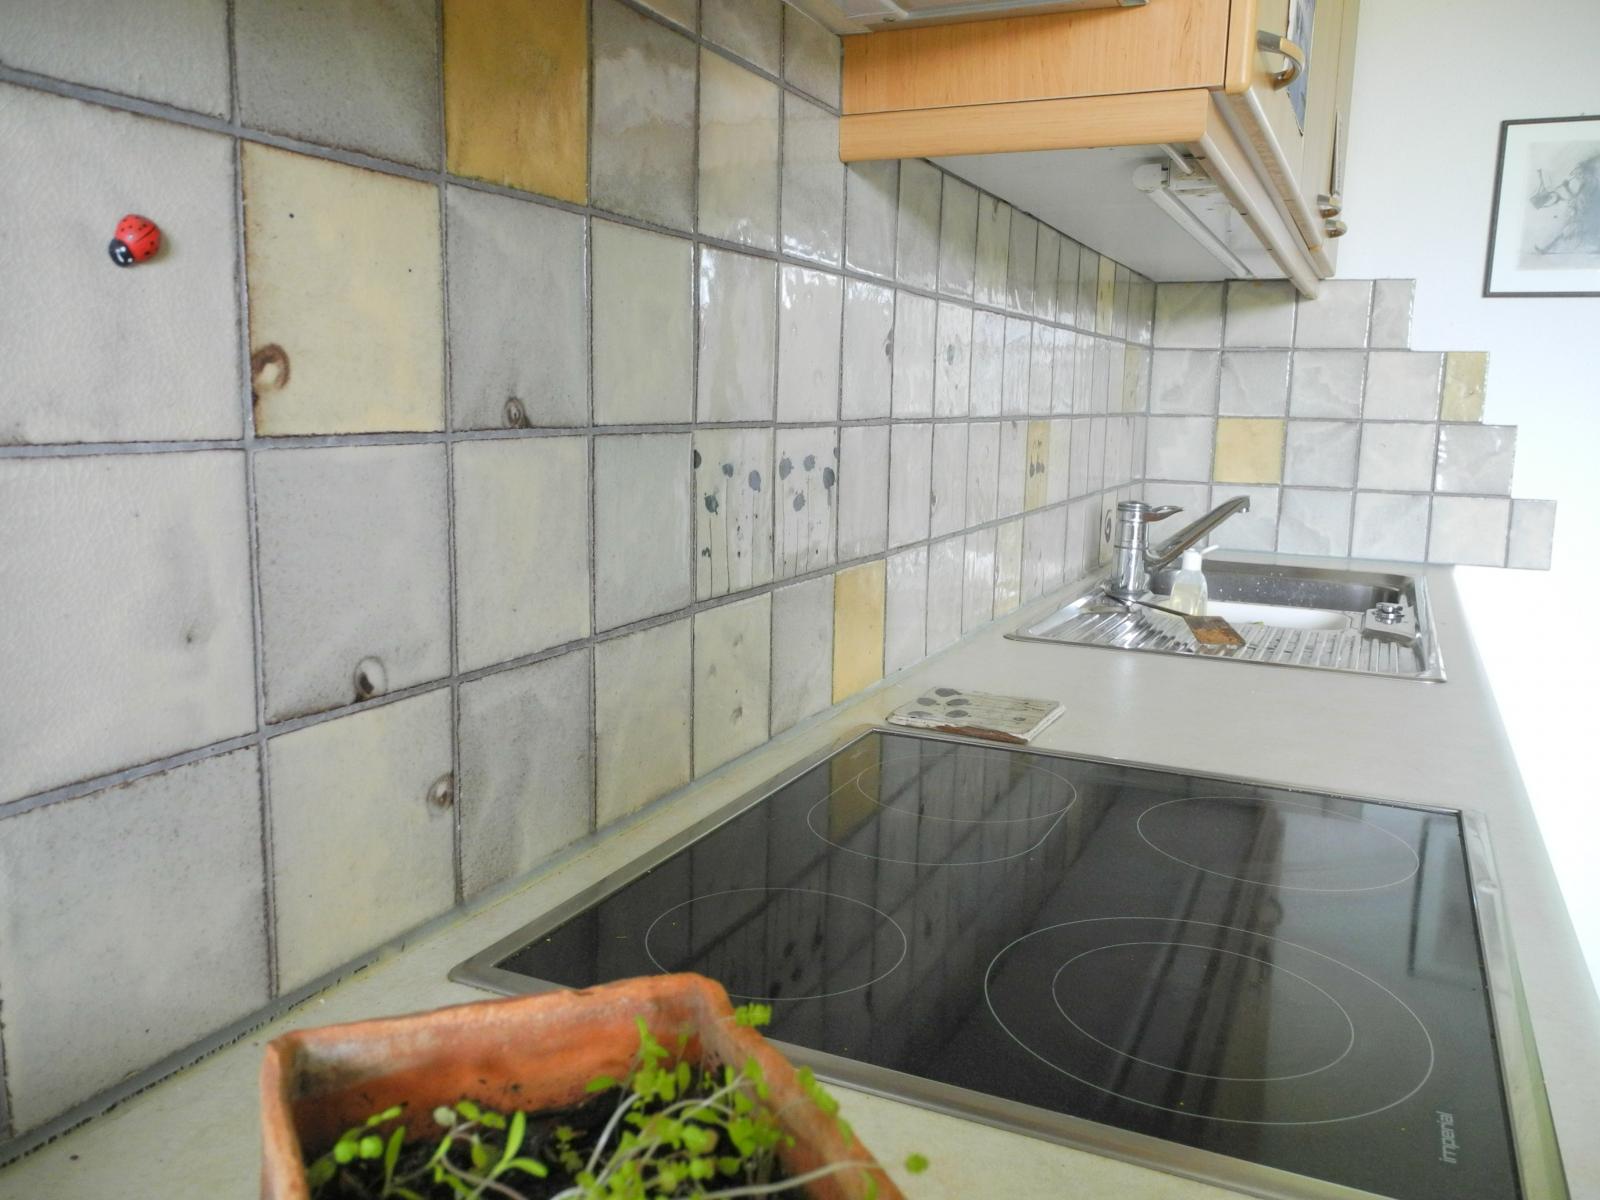 Fliesen in einer Küche